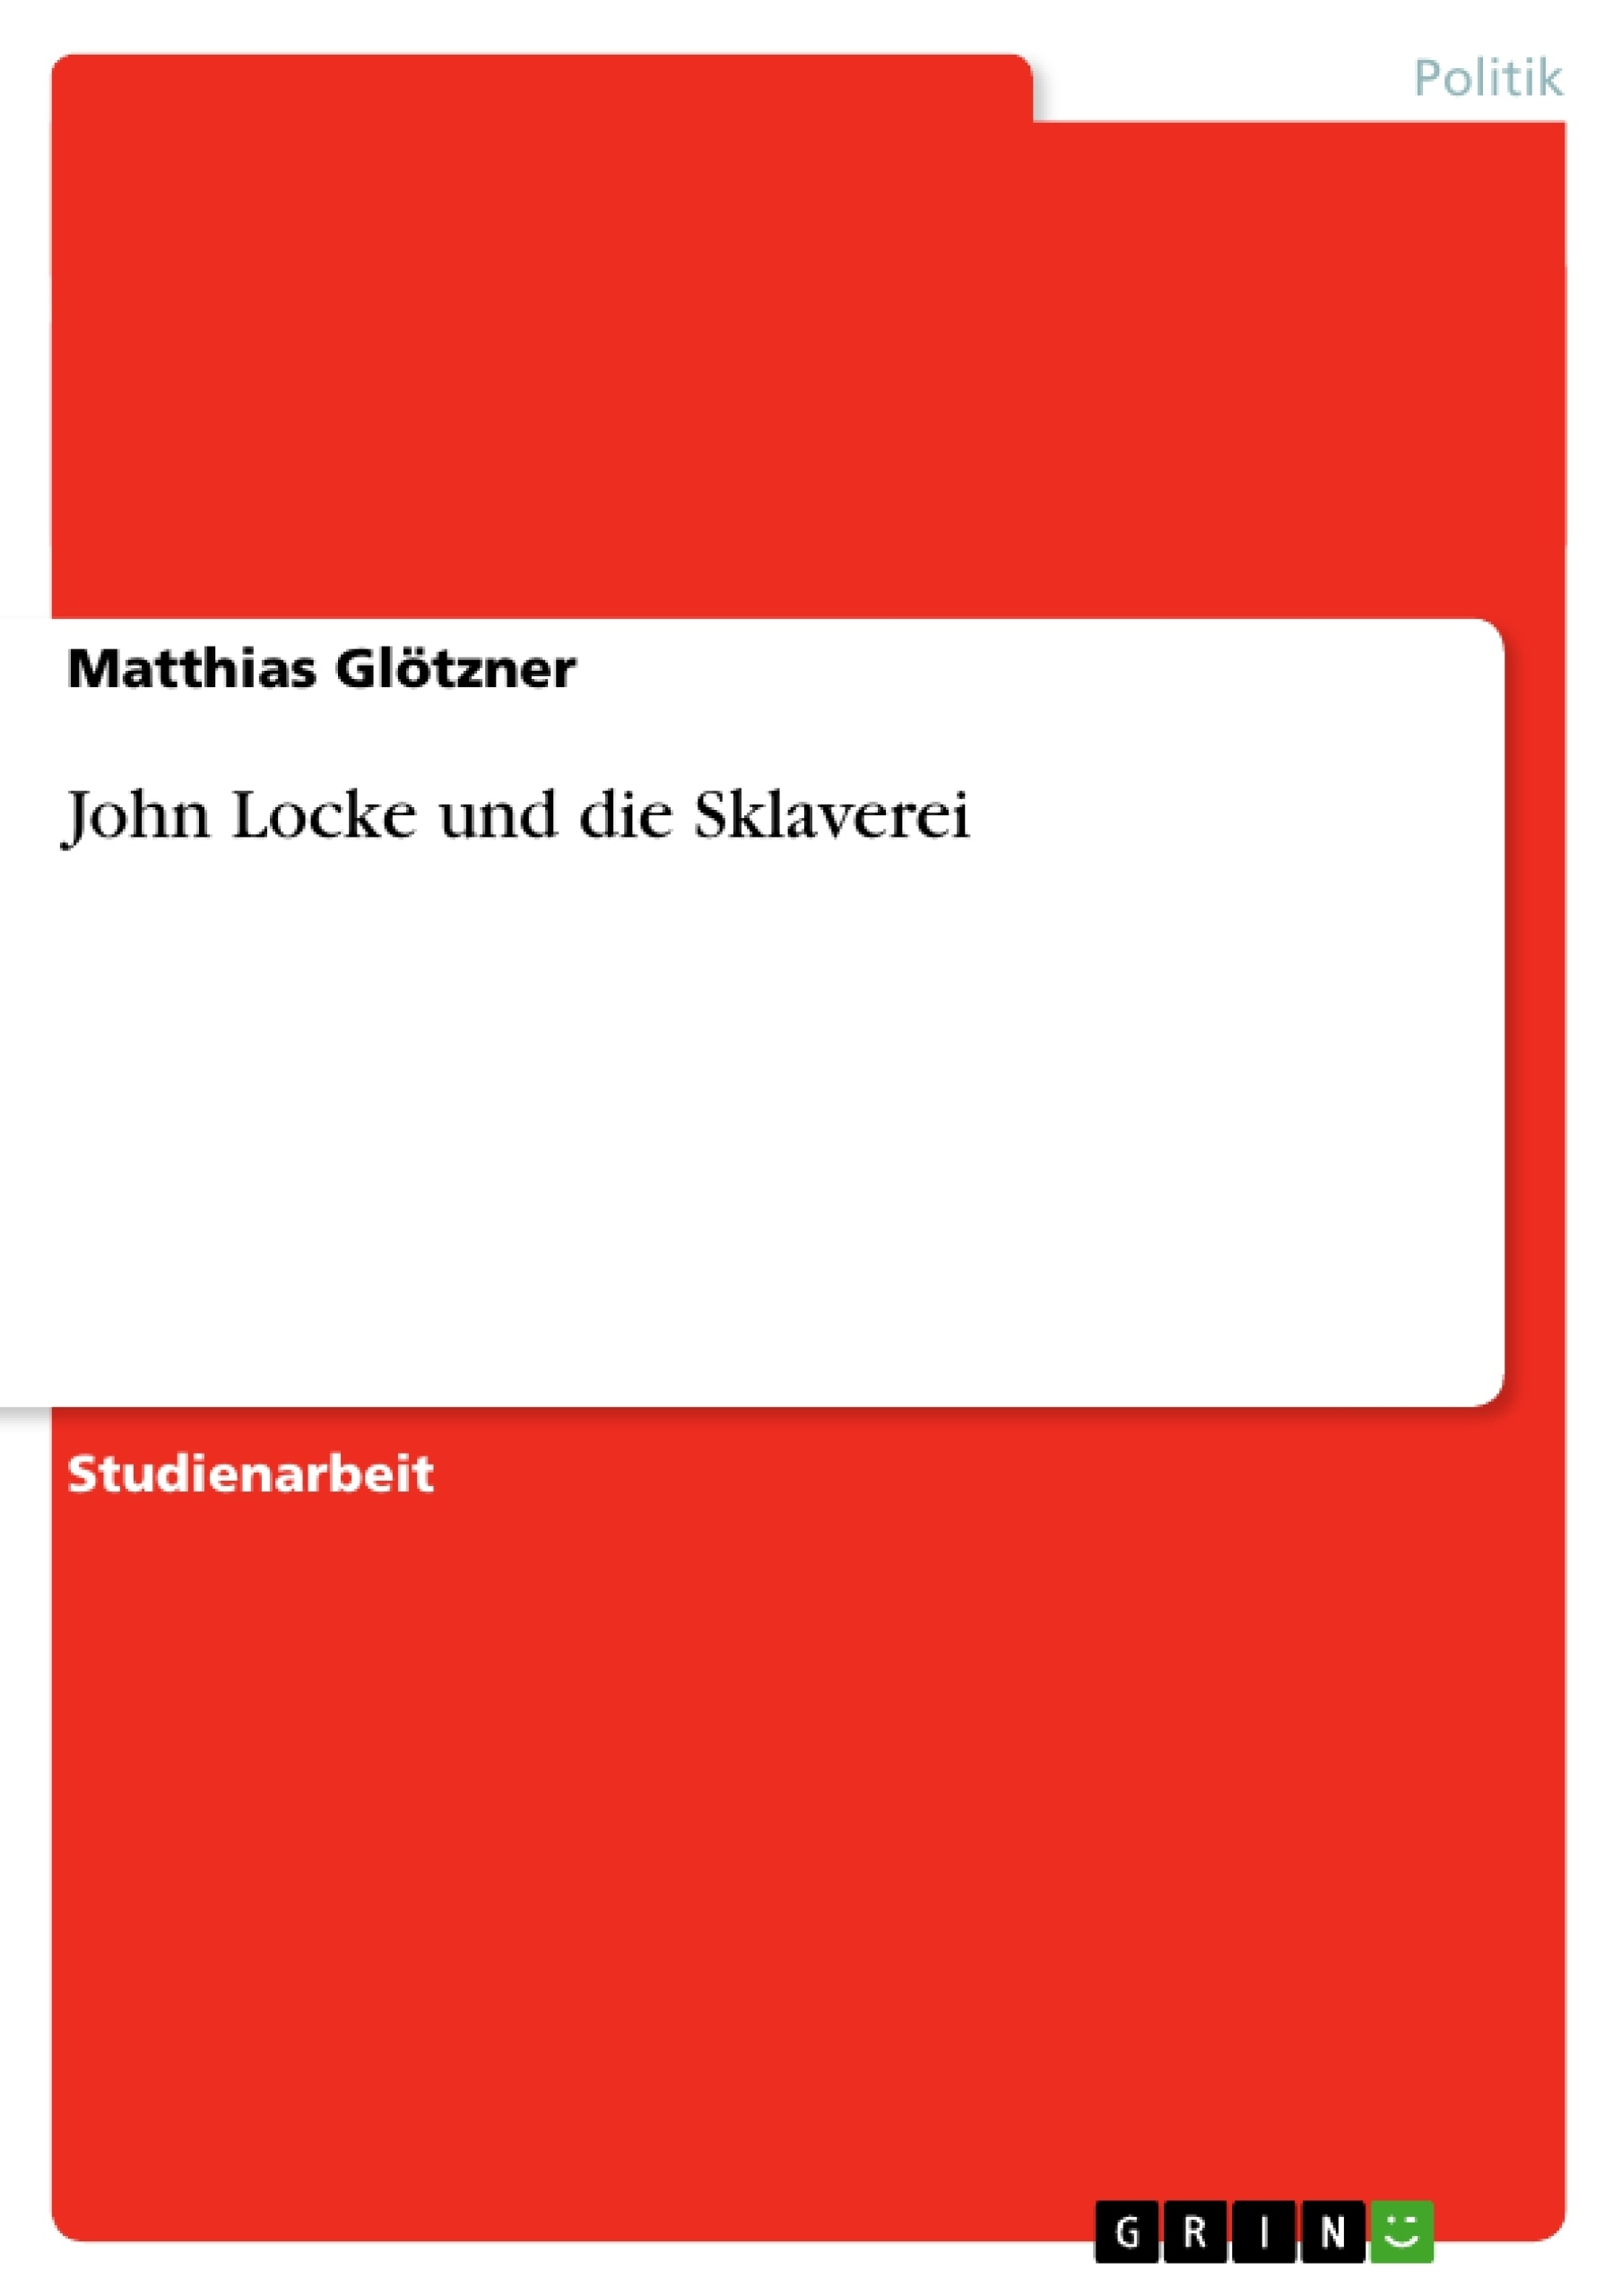 Titel: John Locke und die Sklaverei